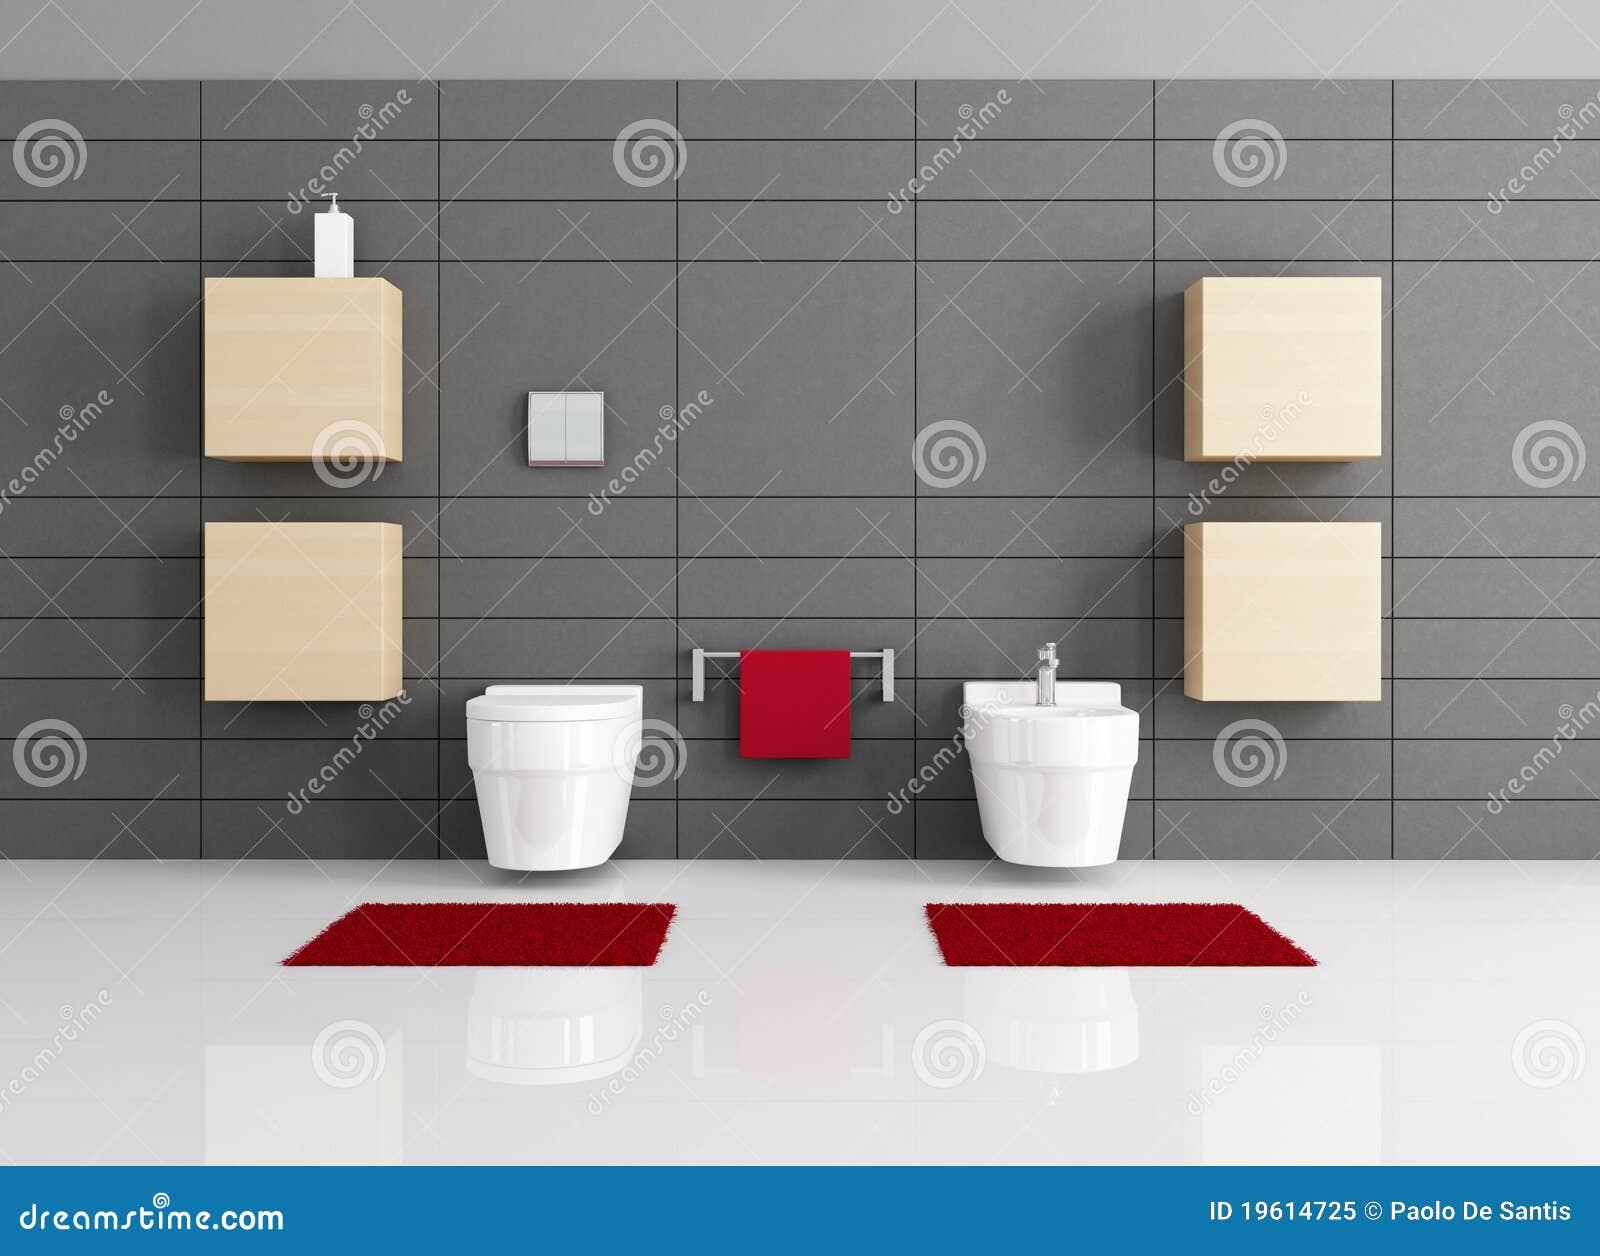 Badkamer Kas Idees : Badkamer kas idees beste ideen over huis en interieur